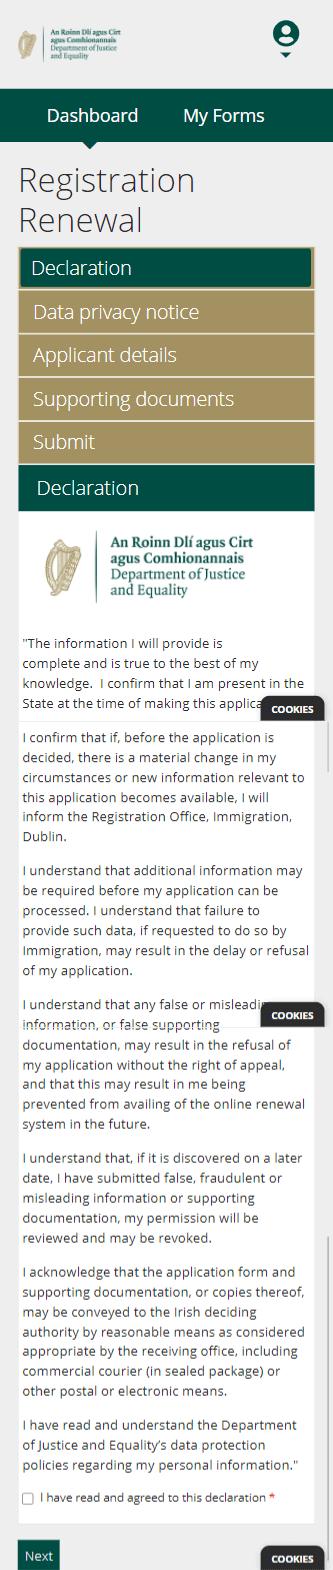 INIS Online - Step 4 - Declaração dos dados verdadeiros